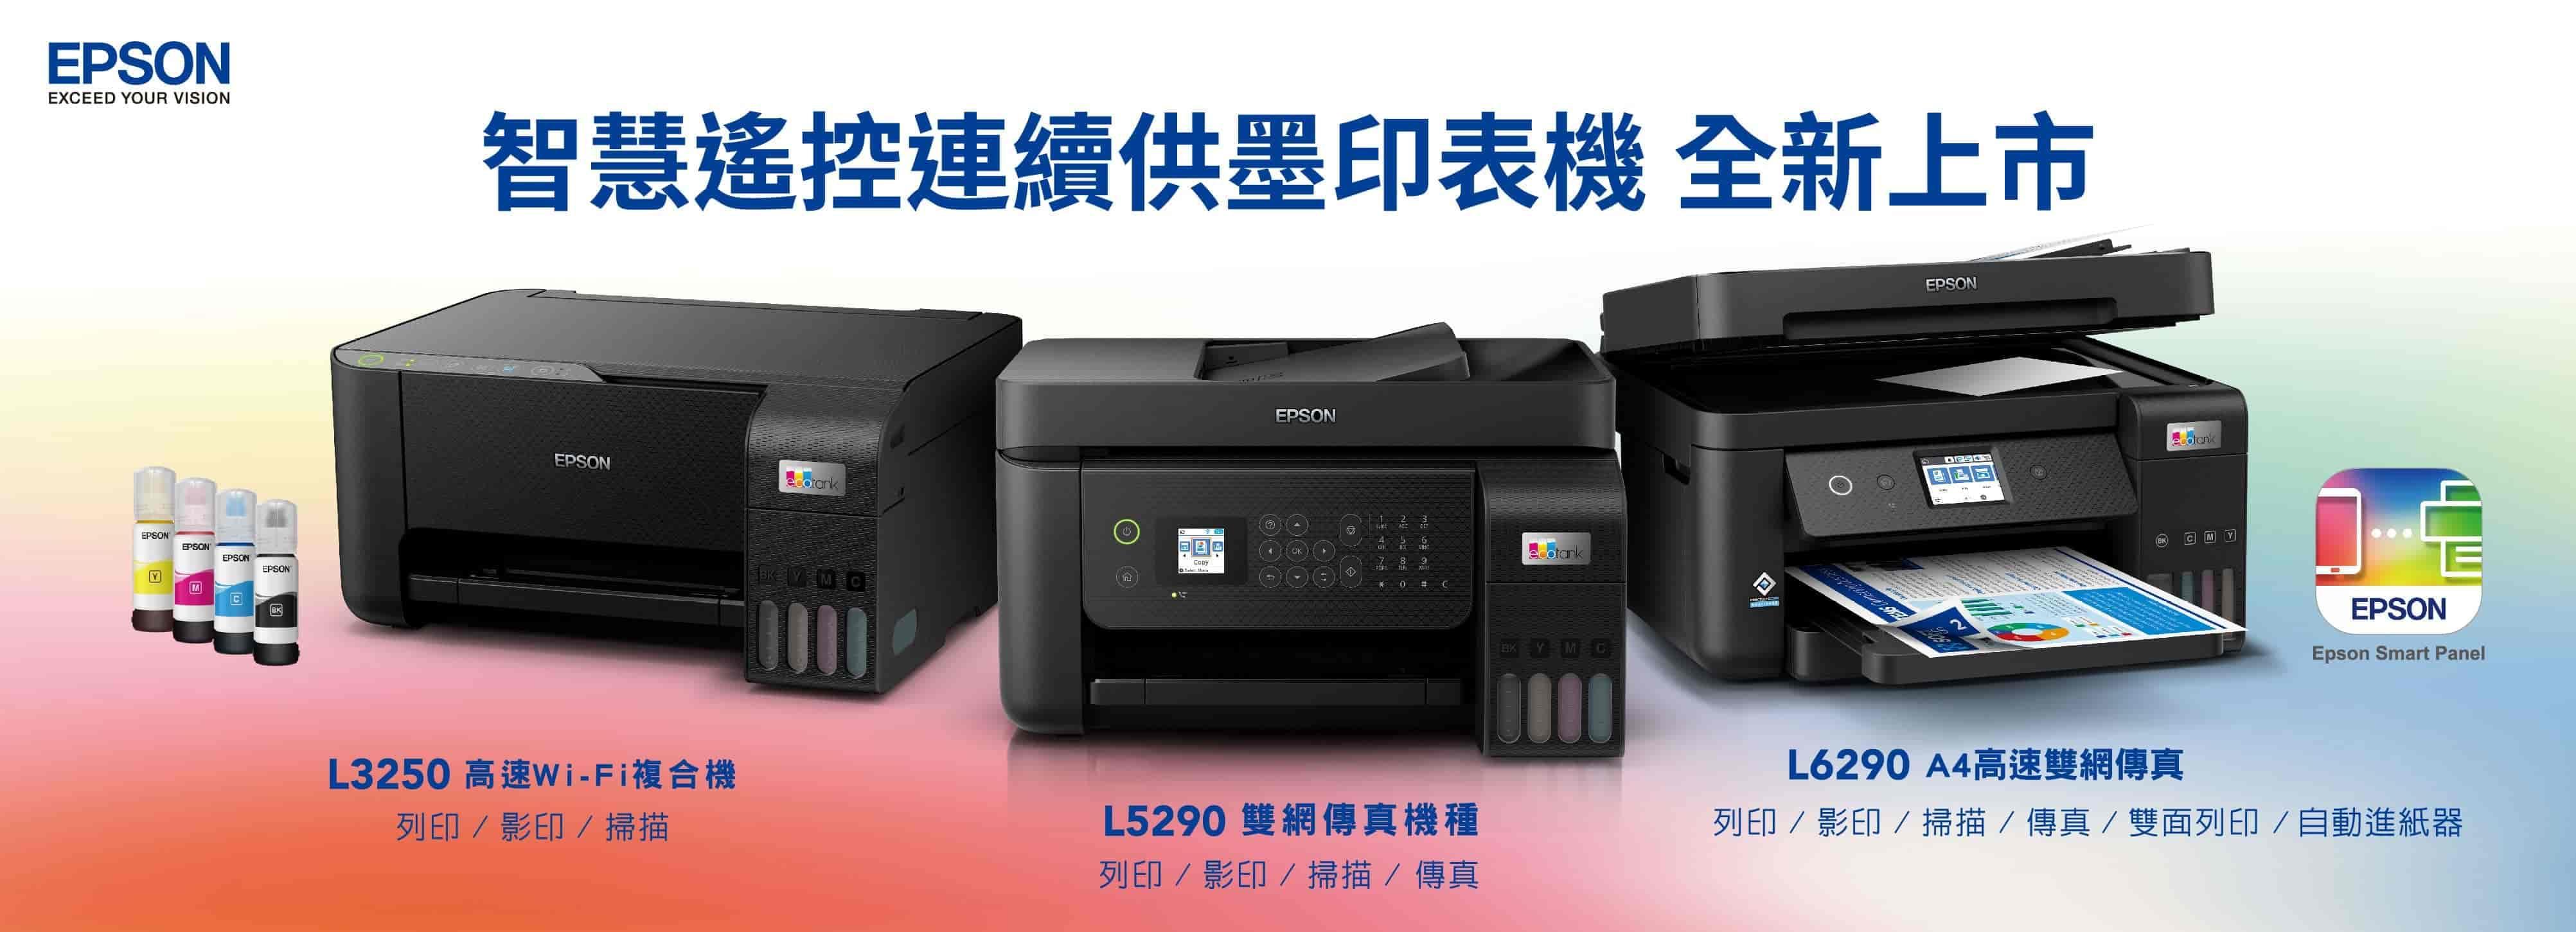 智慧遙控連續供墨印表機|L3250 L5290 L6290 全新上市